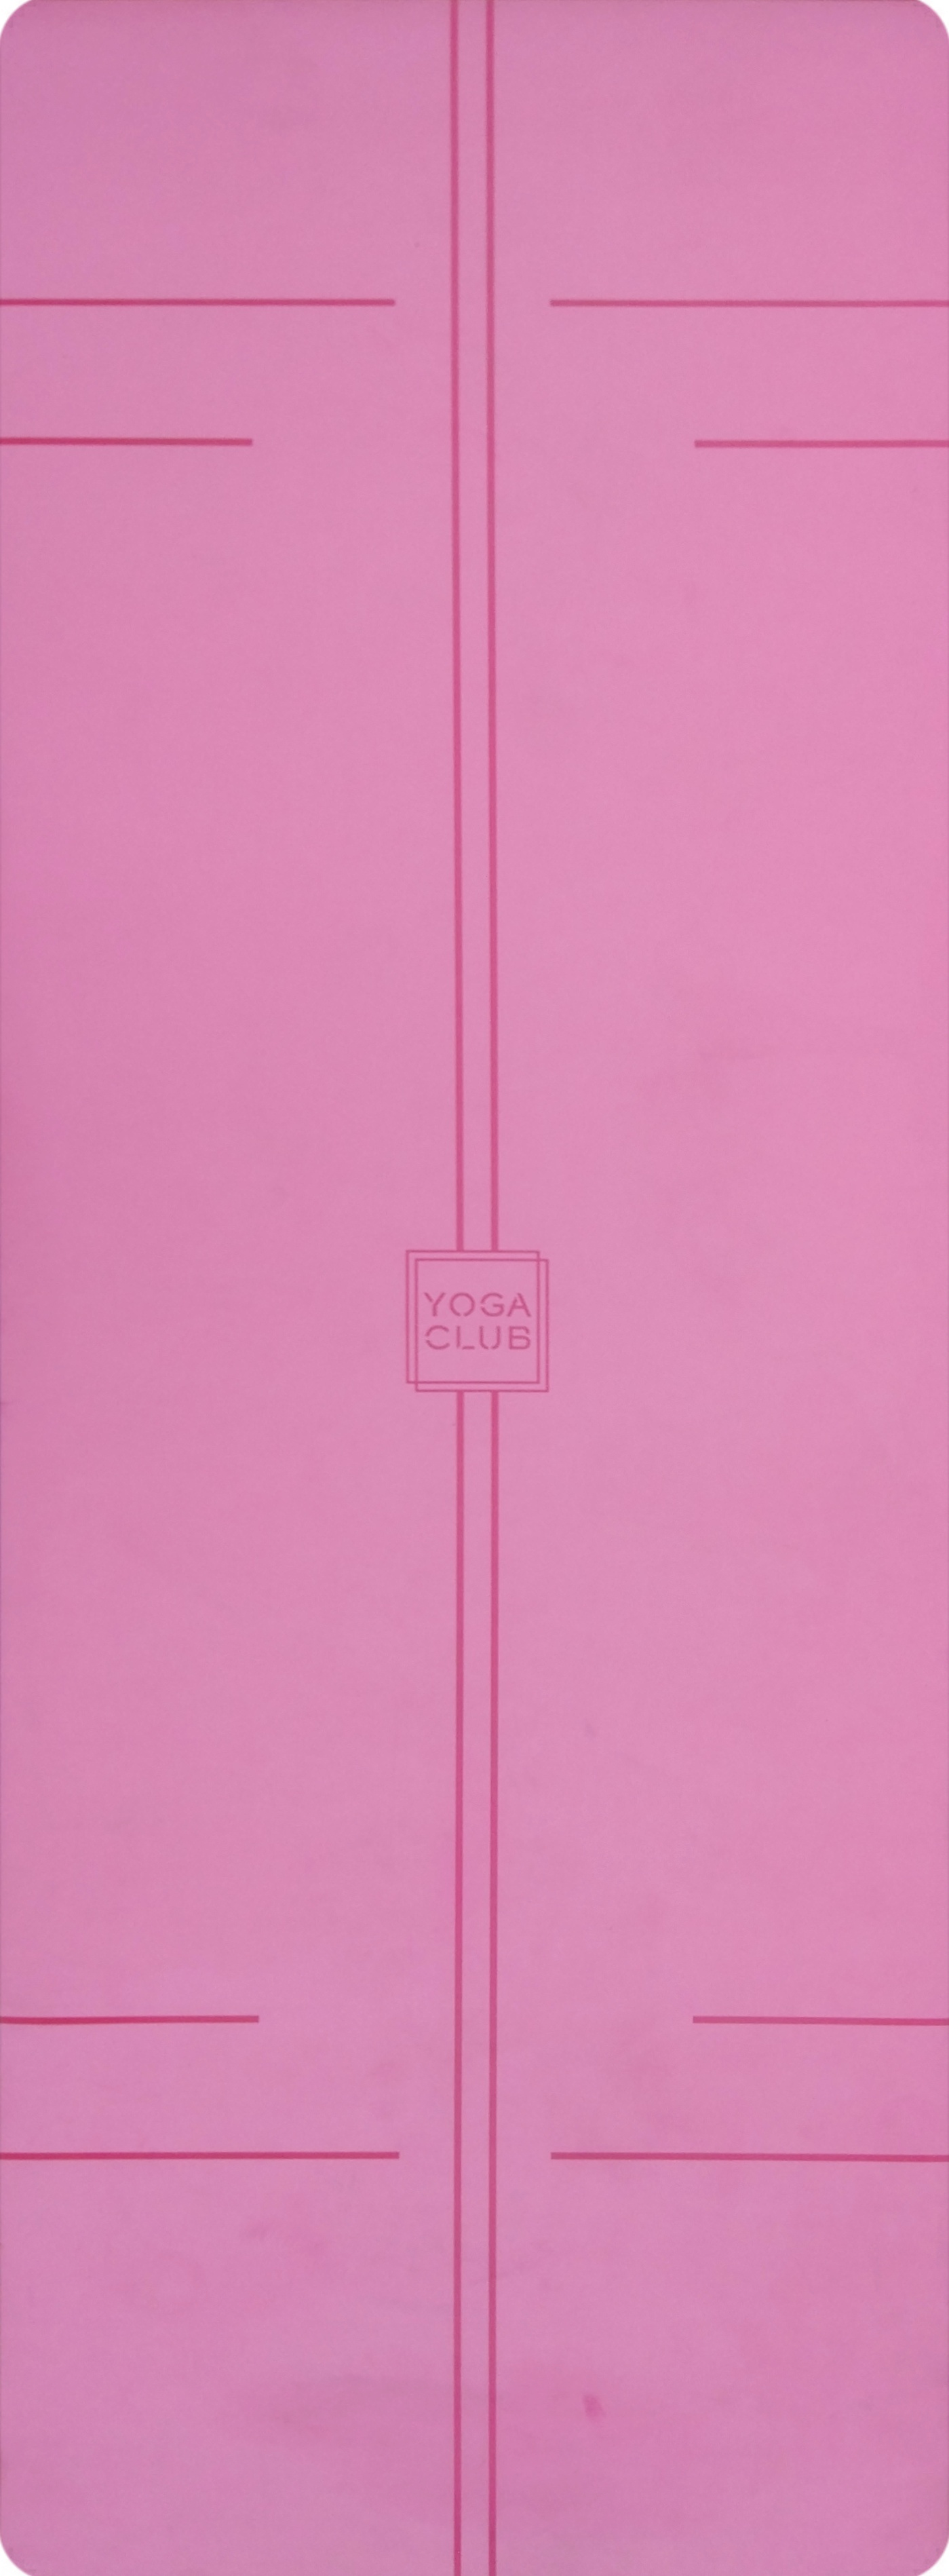 Коврик для йоги Pro YC из полиуретана и каучука (2,3 кг, 185 см, 4.5 мм, розовый, 68см) цена